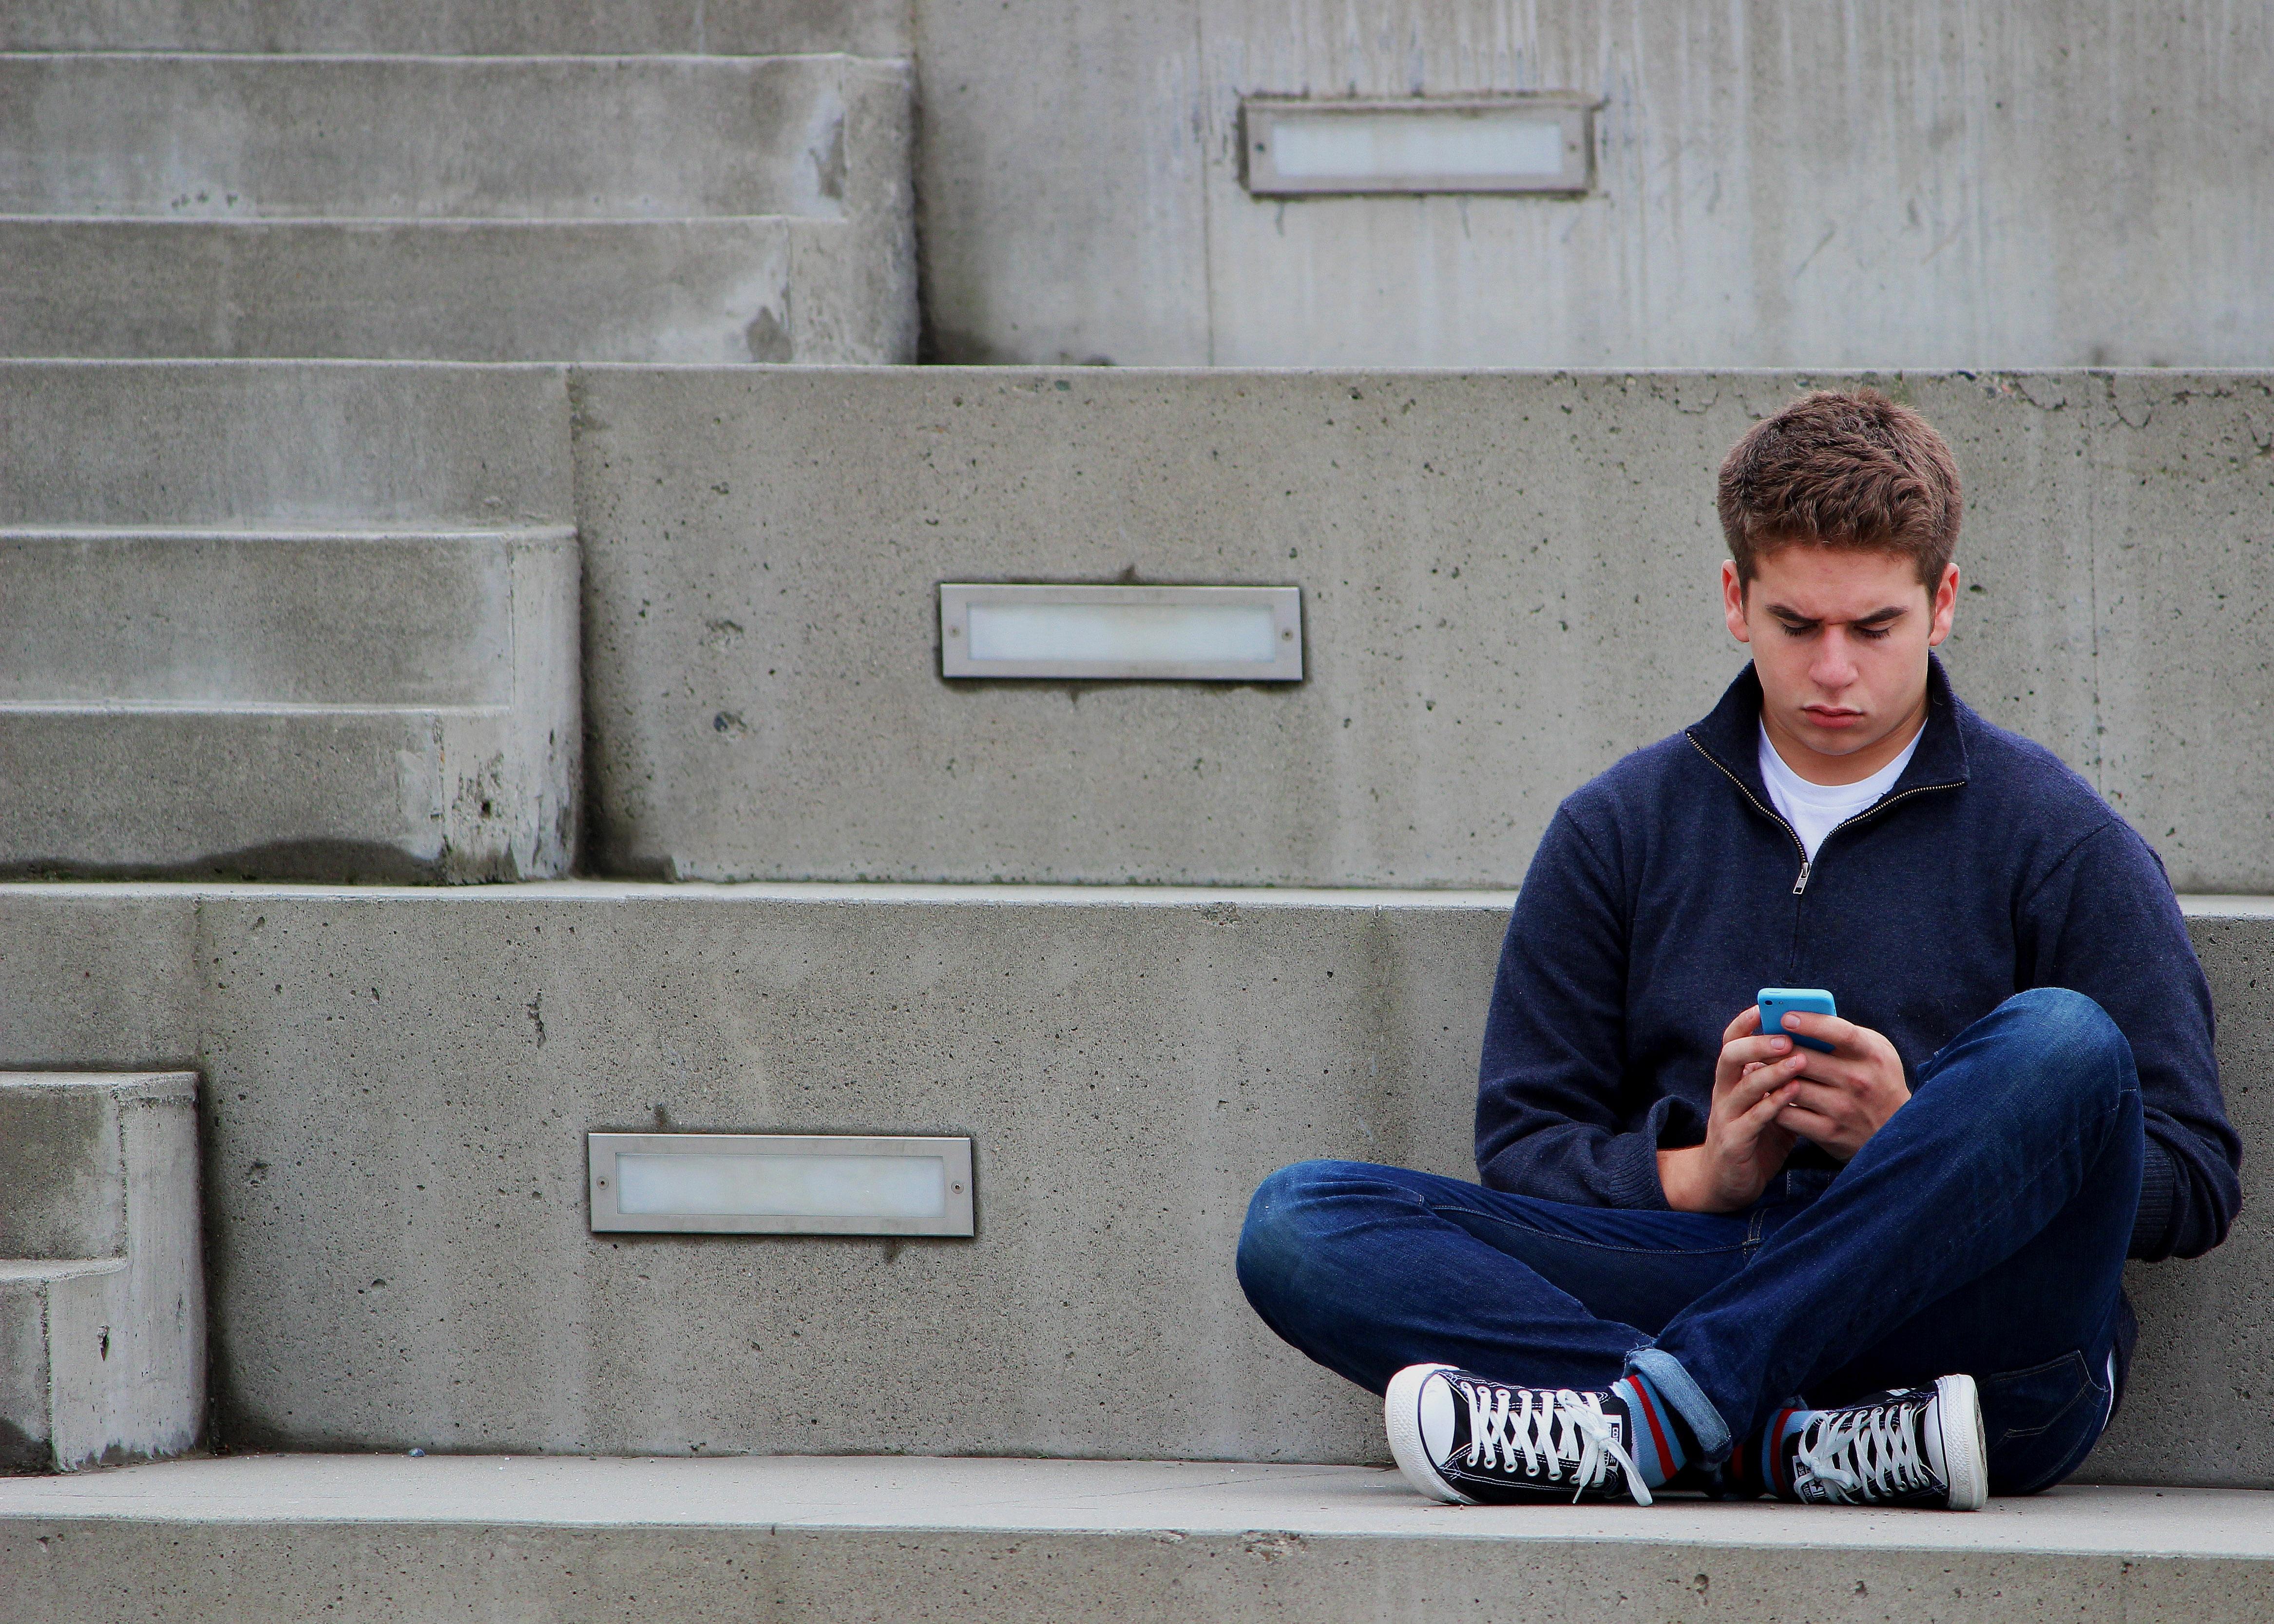 videa pro teenagery zdarma